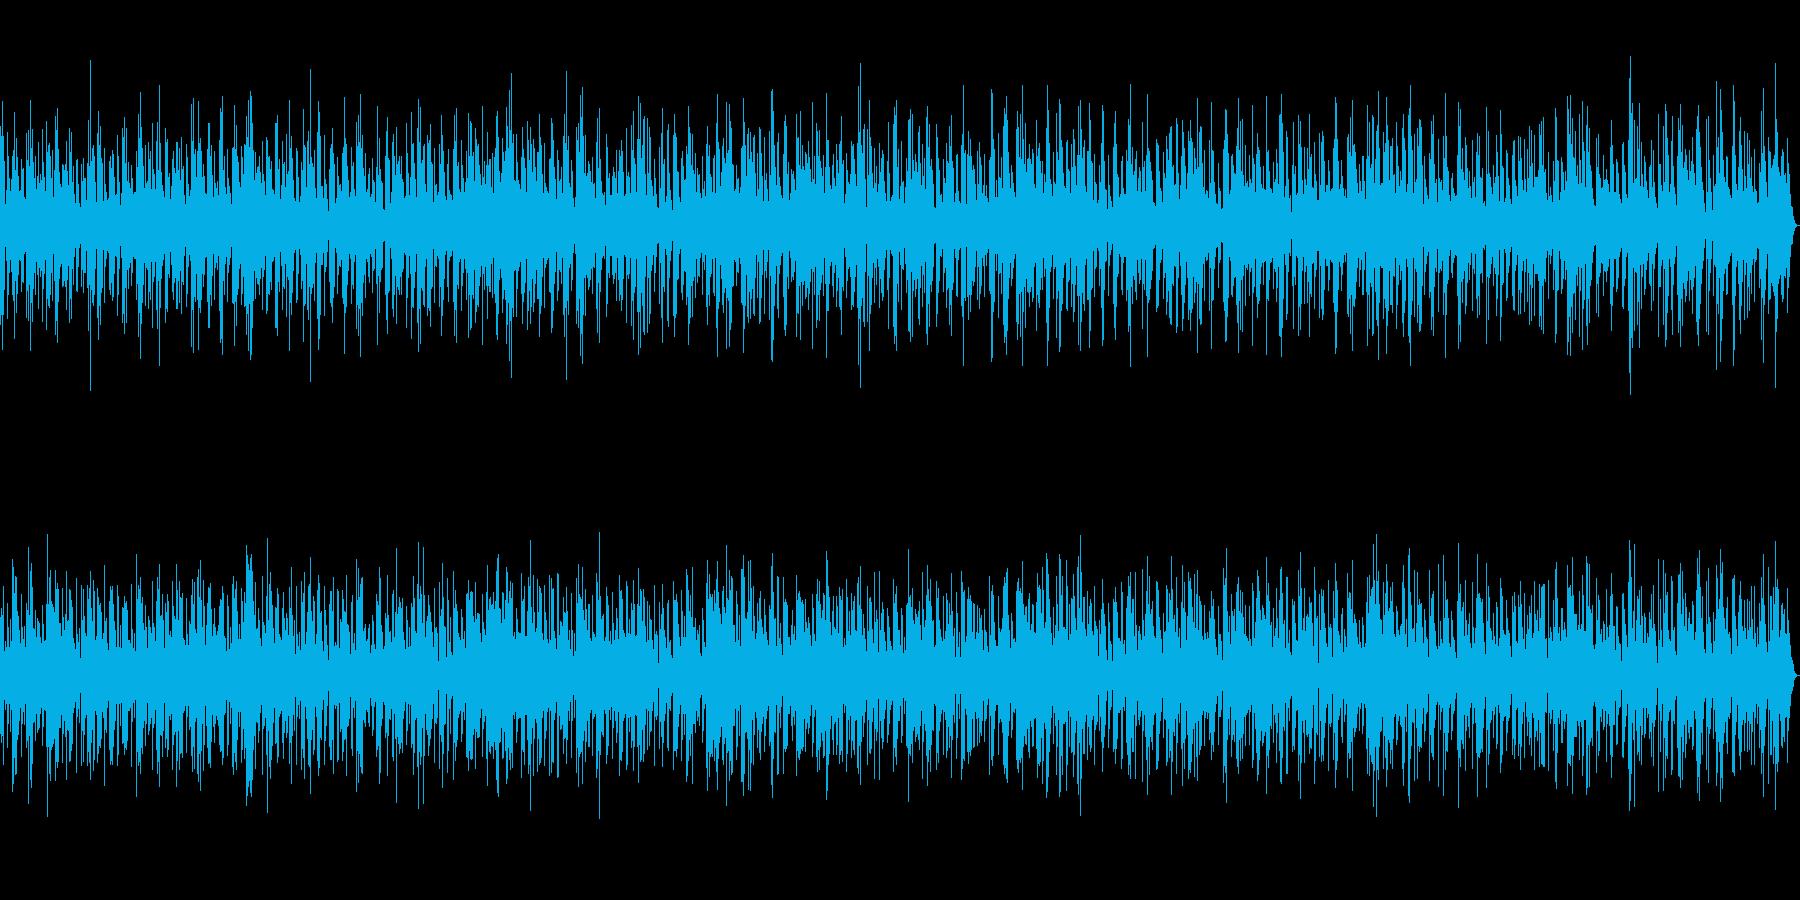 優しい・かわいい癒やし睡眠・作業音楽の再生済みの波形